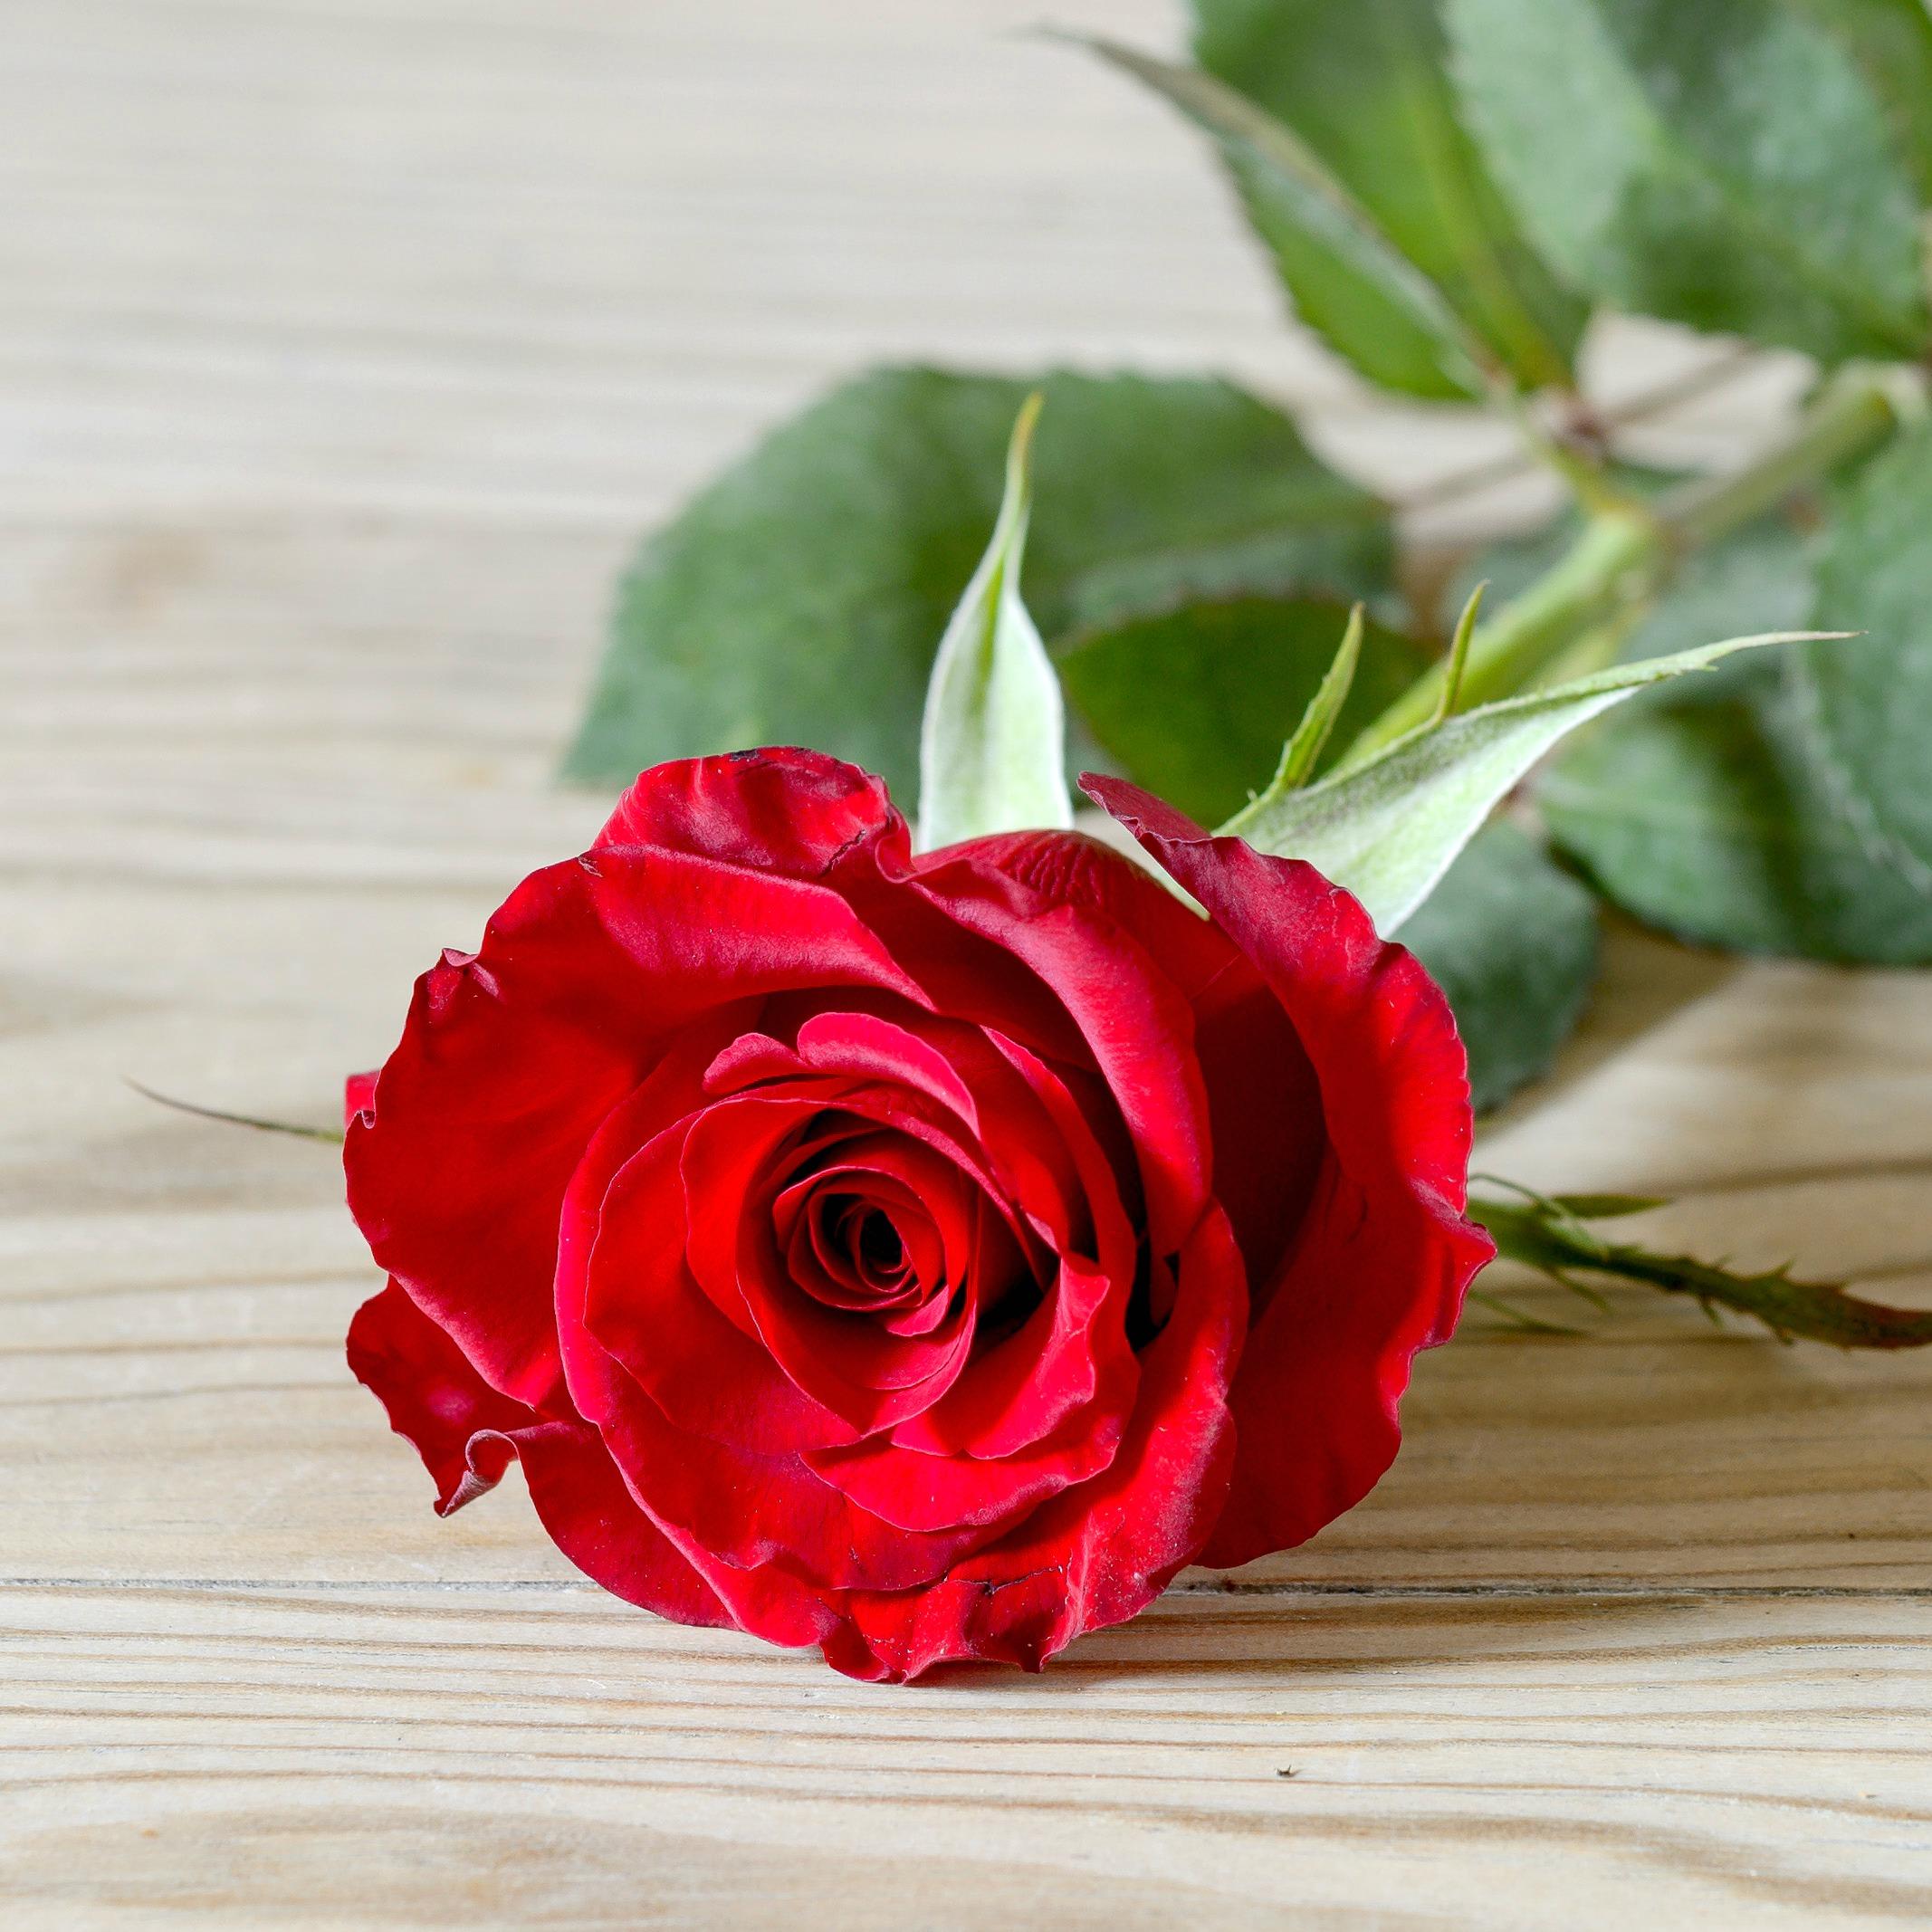 Red Rose, Nice Rose Image, 2134x2134, #17707